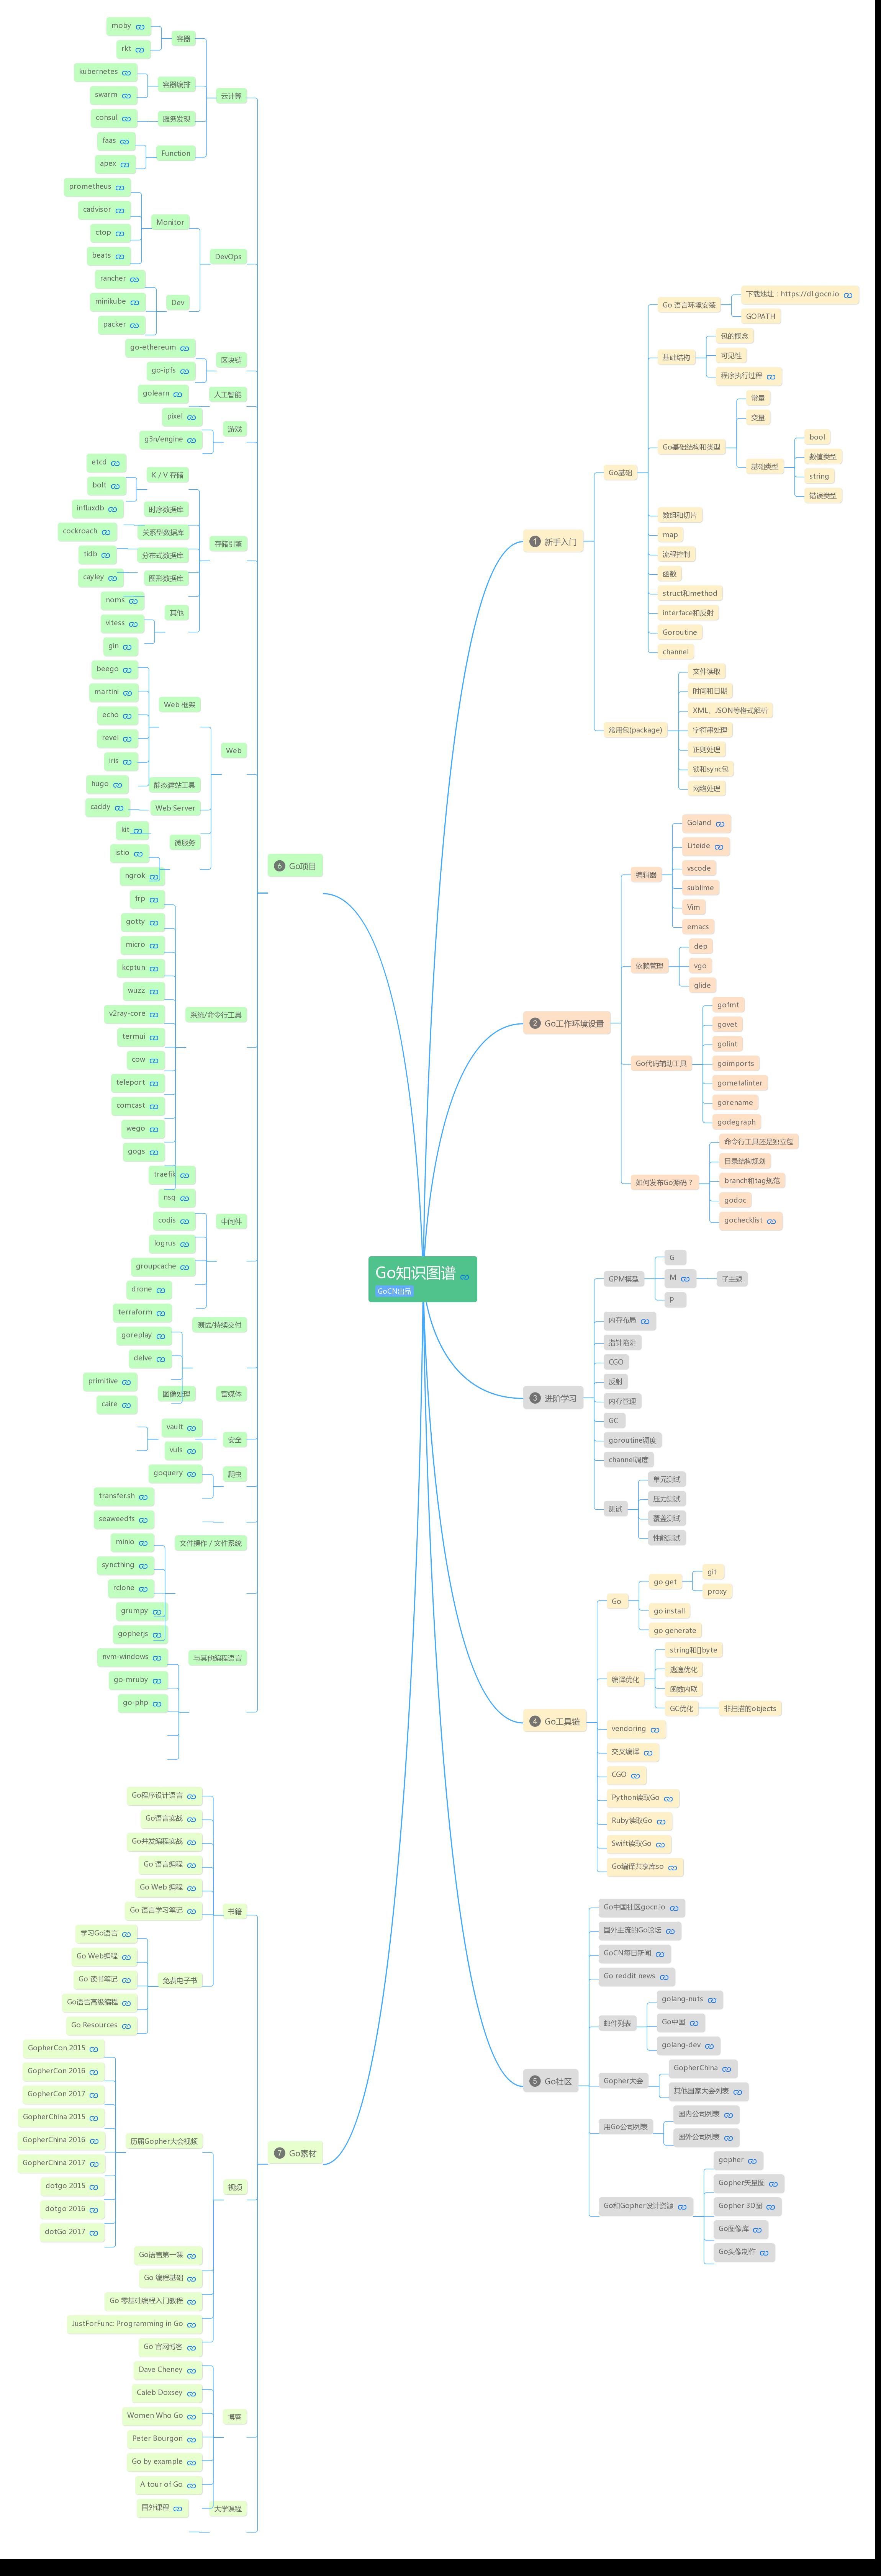 Go 语言完整知识图谱